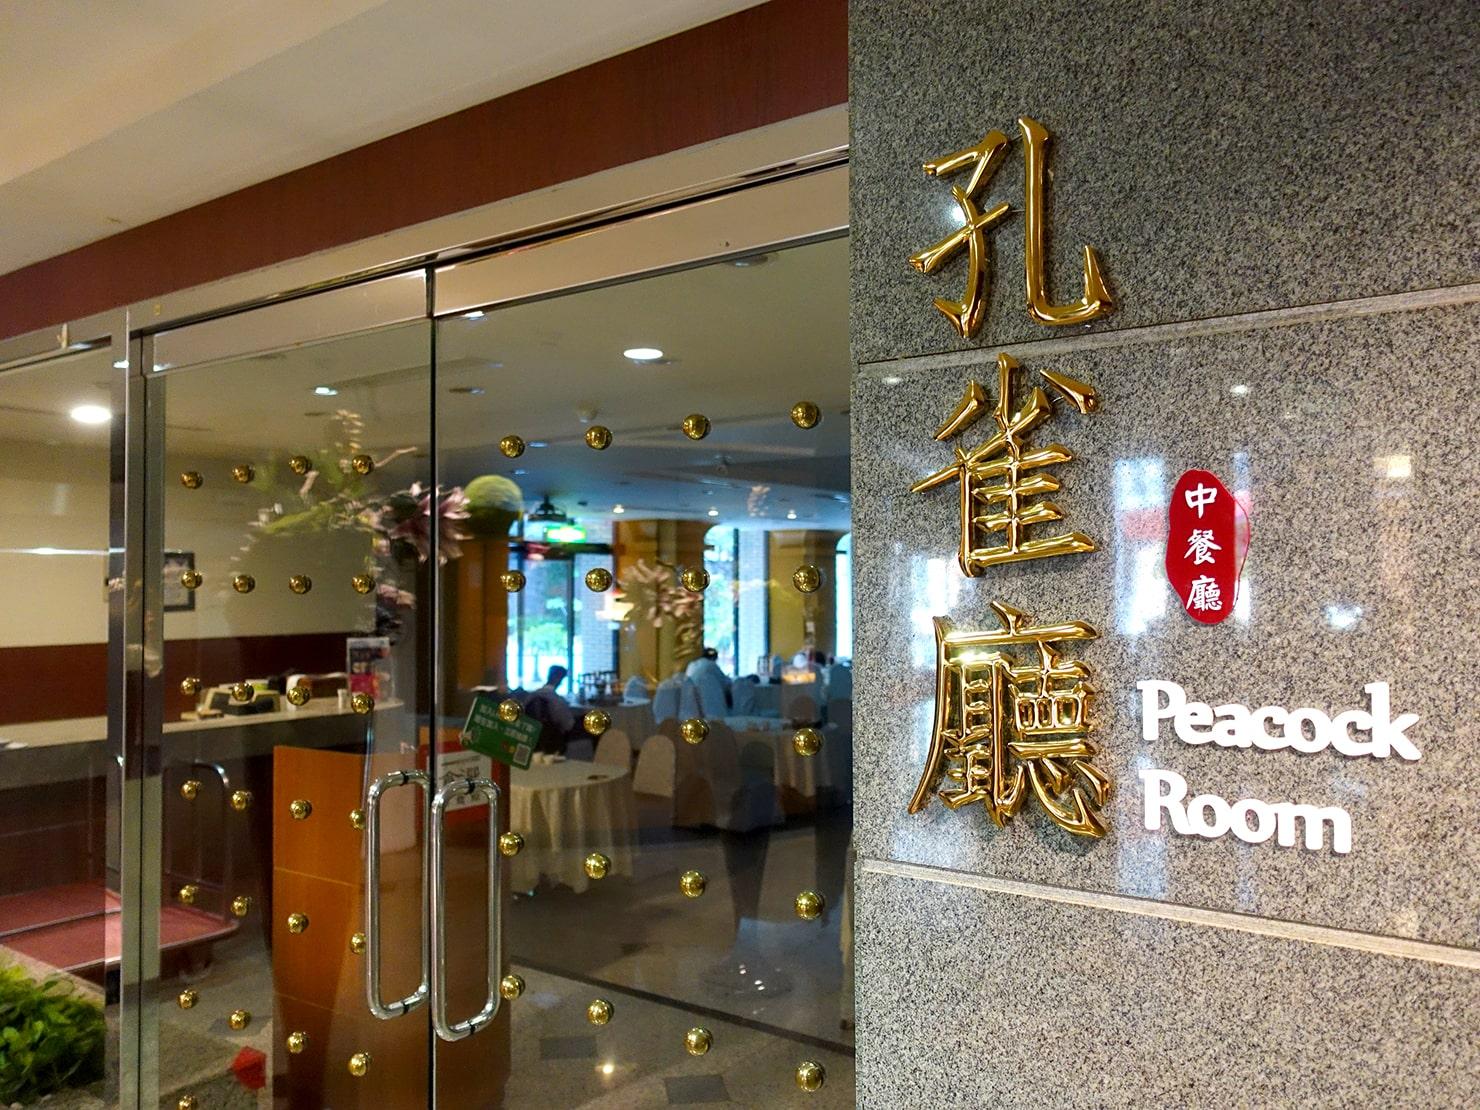 台南駅が目の前の老舗ホテル「台南大飯店 Hotel Tainan」のレストラン・孔雀廳